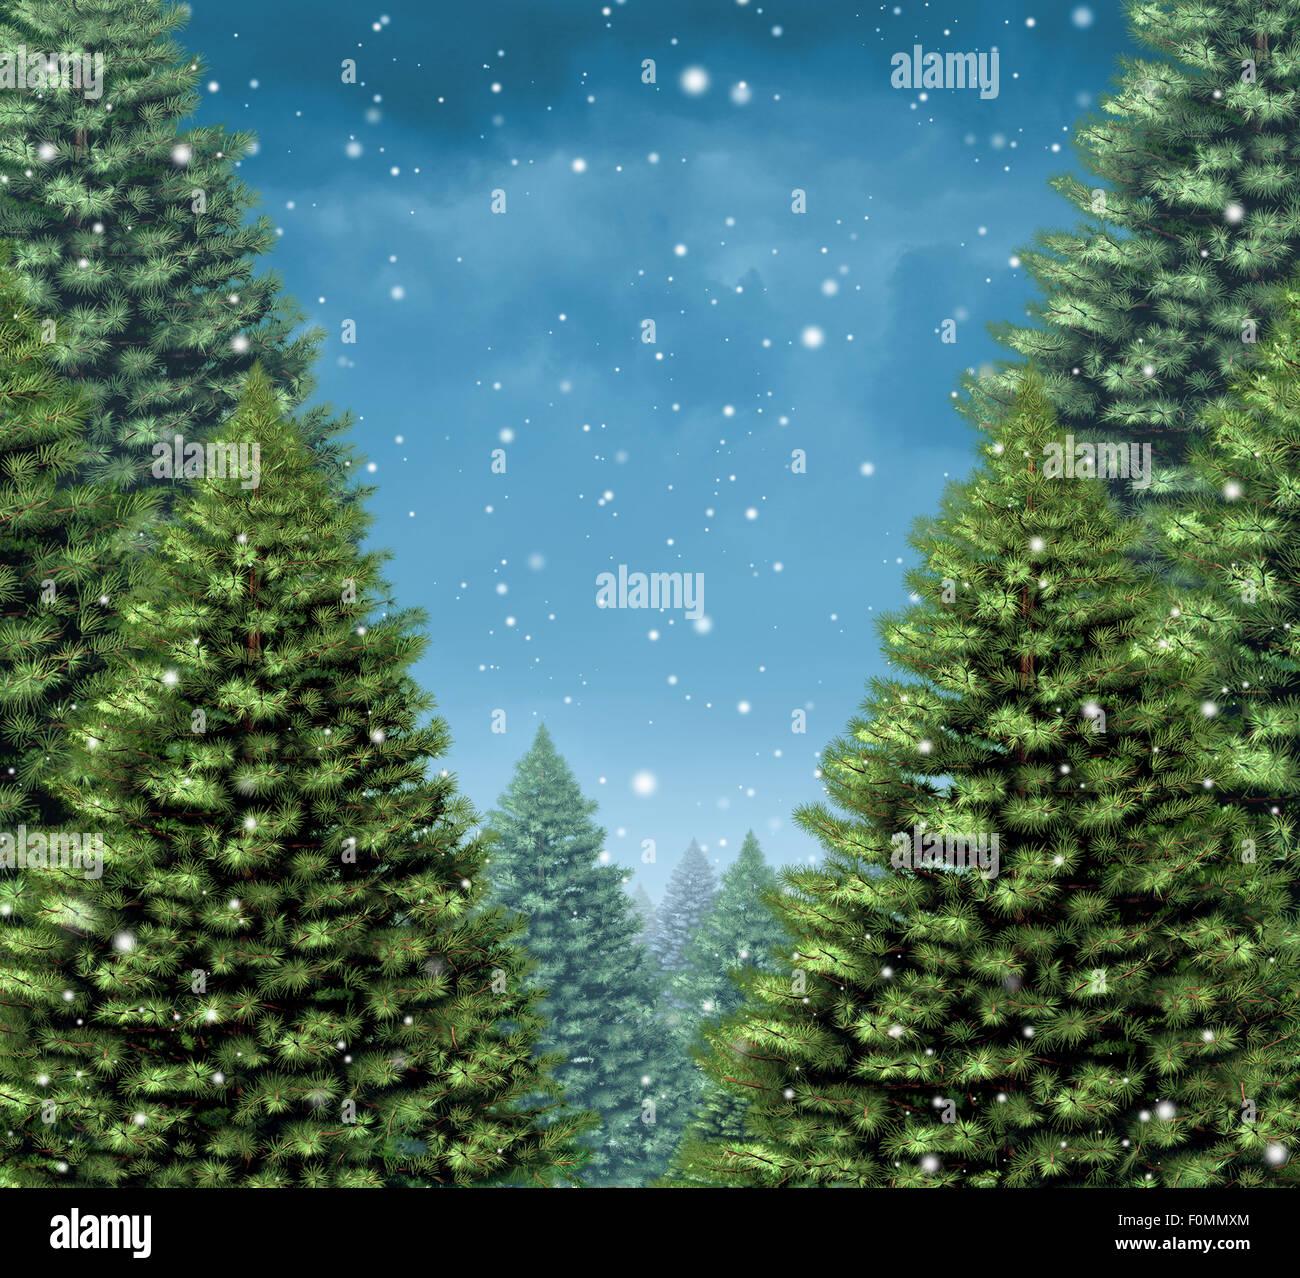 Inverno tree concetto di sfondo come un gruppo di alberi di Natale con fiocchi di neve caduta da un freddo cielo Immagini Stock